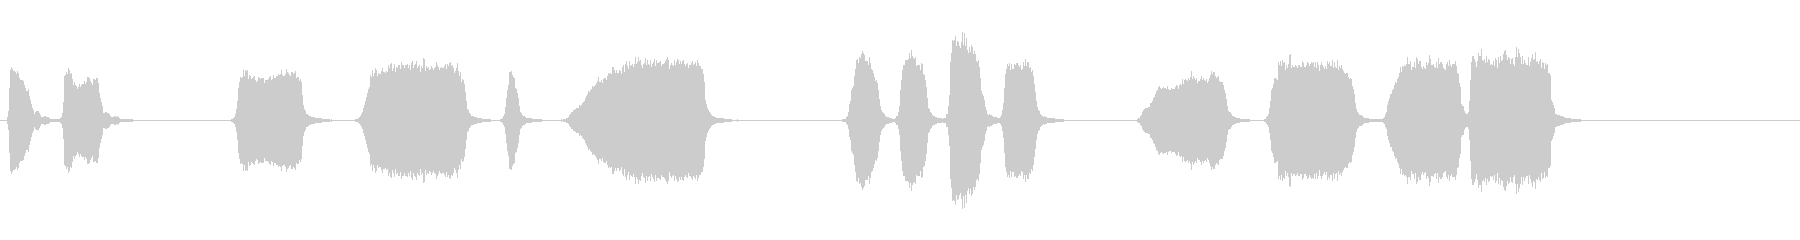 エアホイッスルアンティーク4をトレ...の未再生の波形